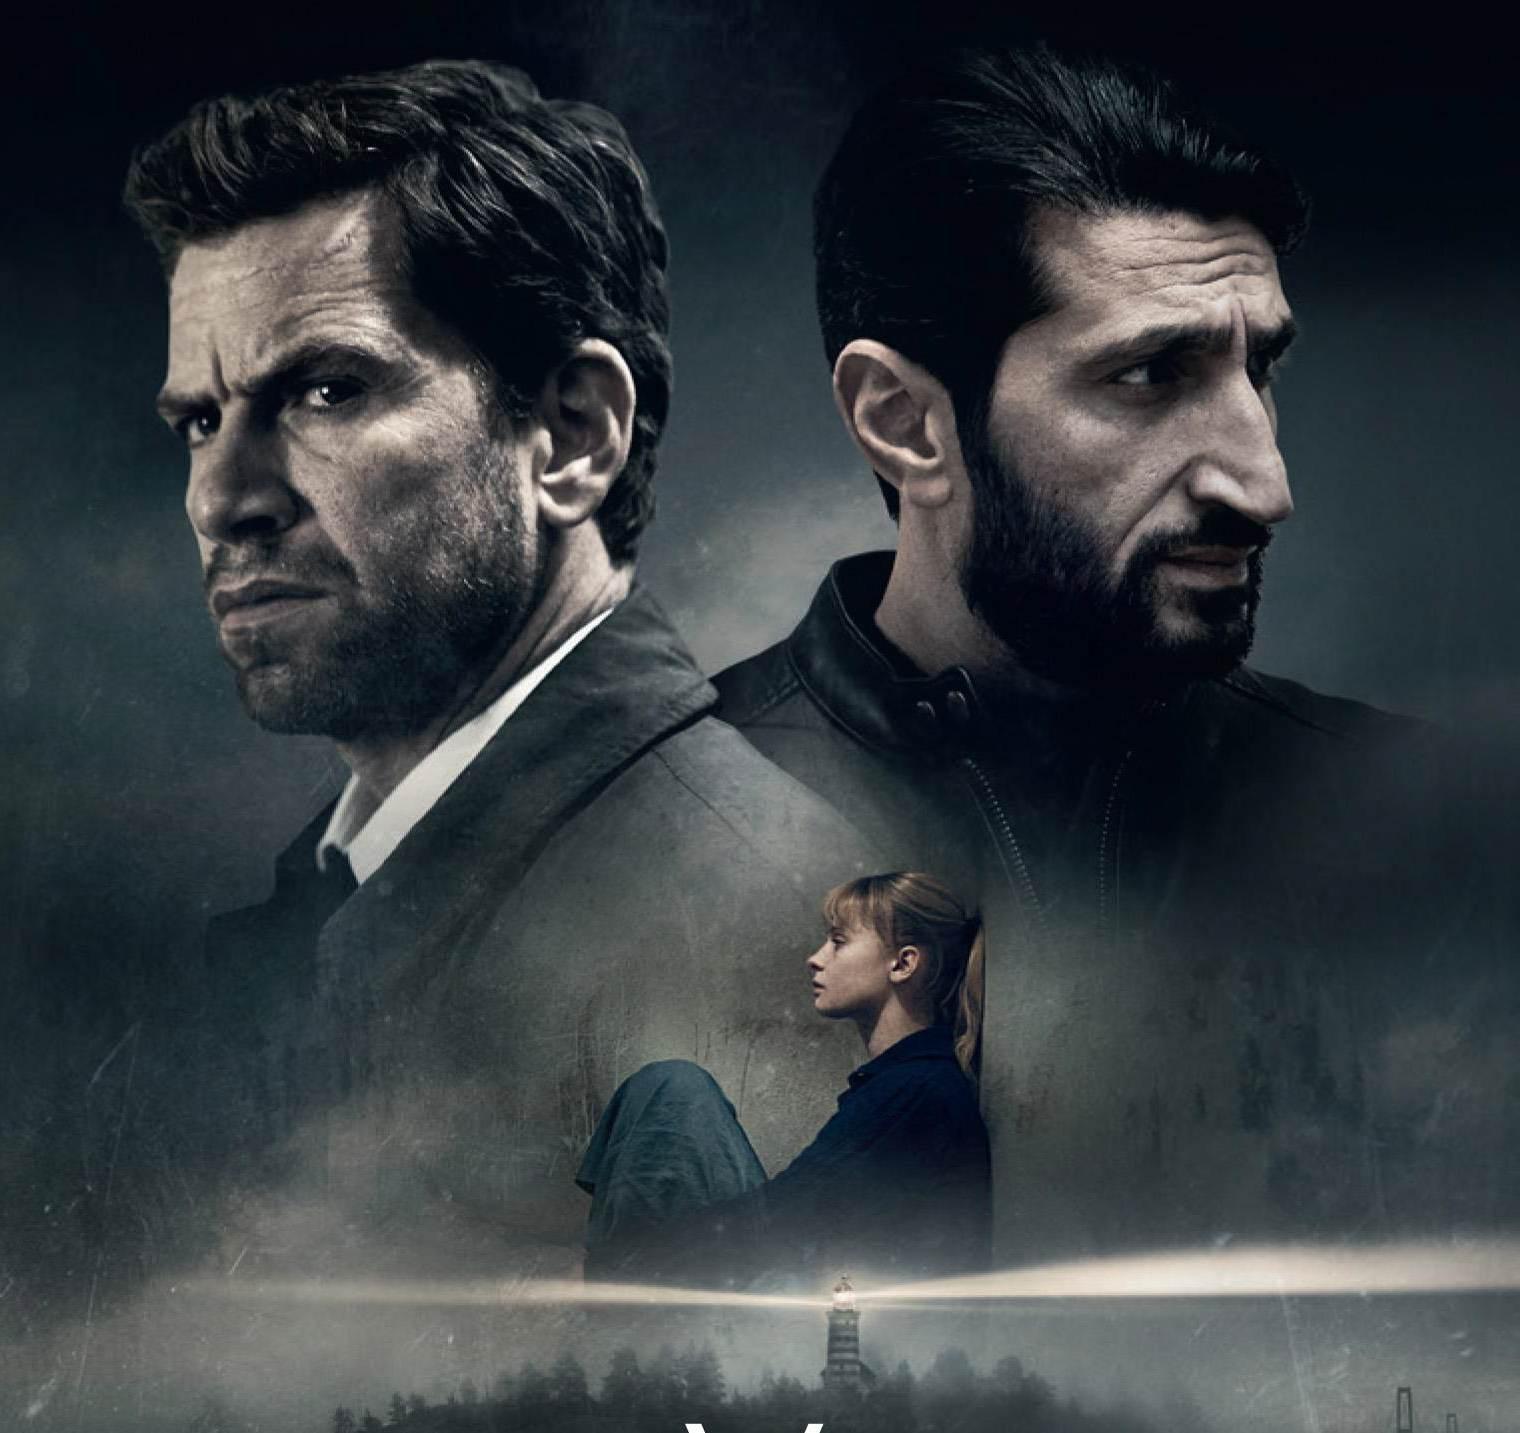 FILM AVEC CANTONA TÉLÉCHARGER ERIC SWITCH GRATUITEMENT